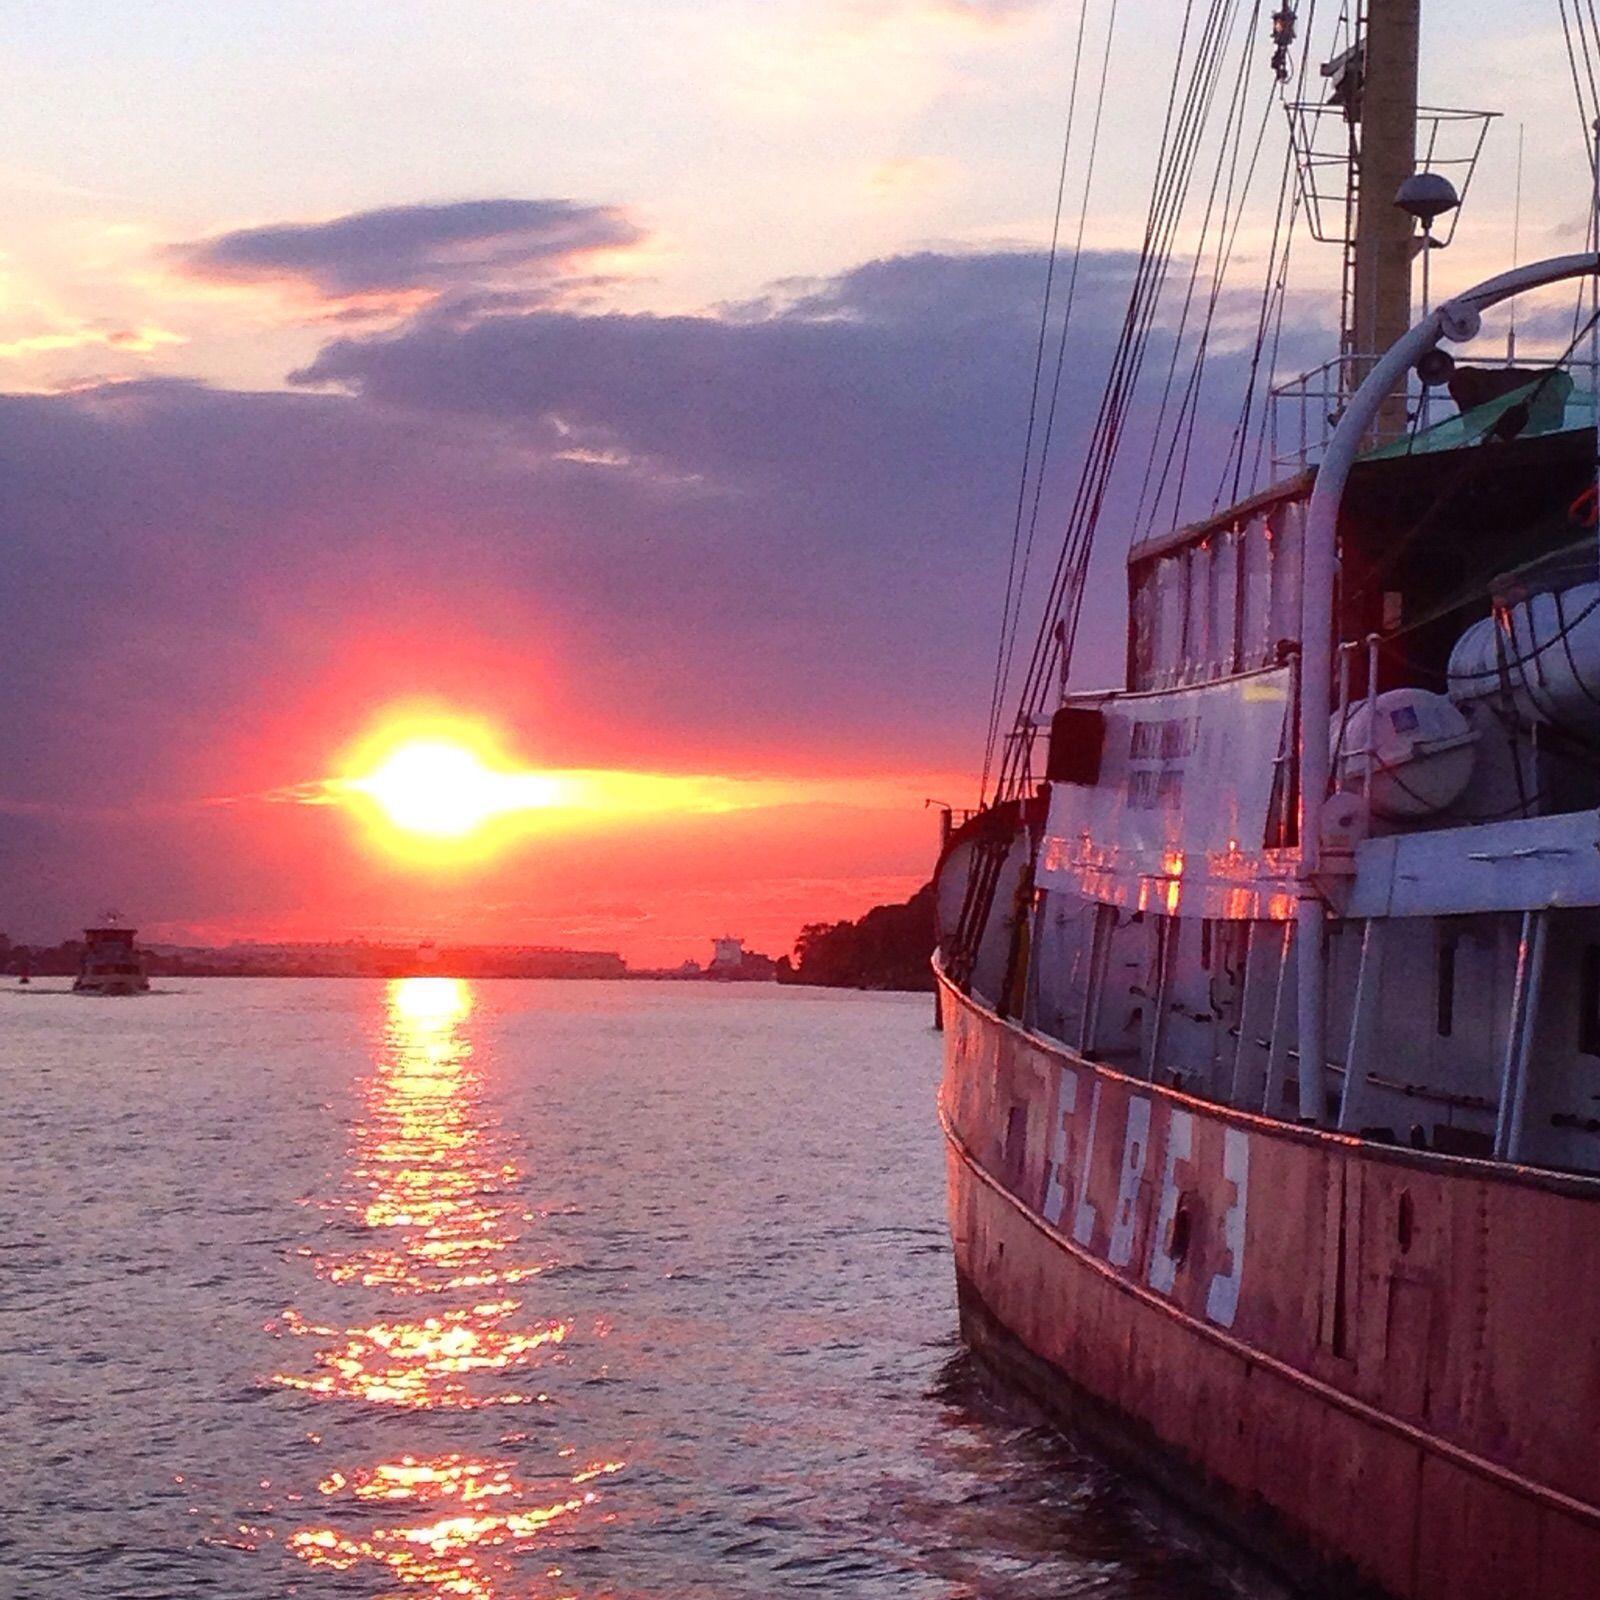 Sunset over Elbe River Sonnenuntergang über der Elbe #sunset #sonnenuntergang #elbe